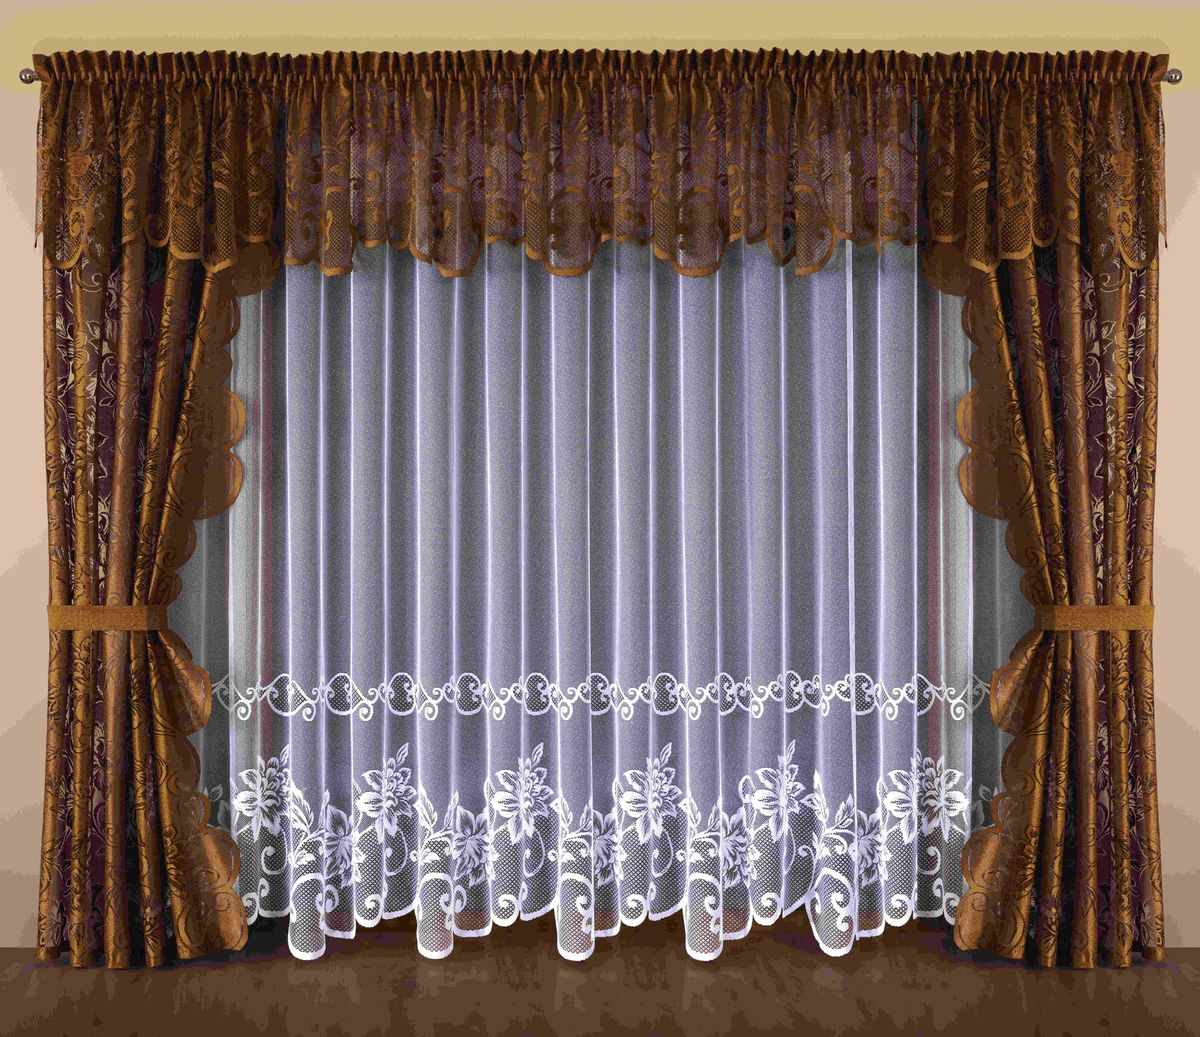 Комплект штор Wisan Kalista, на ленте, цвет: белый, коричневый, высота 250 см64886Комплект штор Wisan Kalista выполненный из полиэстера, великолепно украсит любое окно. В комплект входят 2 шторы, тюль, ламбрекен и 2 подхвата.Интересный крой и цветочный узор придают комплекту особый стиль и шарм. Тонкое плетение, нежная цветовая гамма и роскошное исполнение - все это делает шторы Wisan Kalista замечательным дополнением интерьера помещения.Комплект оснащен шторной лентой для красивой сборки. В комплект входит: Штора - 2 шт. Размер (ШхВ): 145 см х 250 см. Тюль - 1 шт. Размер (ШхВ): 500 см х 250 см. Ламбрекен - 1 шт. Размер (ШхВ): 500 см х 70 см. Подхват - 2 шт.Фирма Wisan на польском рынке существует уже более пятидесяти лет и является одной из лучших польских фабрик по производству штор и тканей. Ассортимент фирмы представлен готовыми комплектами штор для гостиной, детской, кухни, а также текстилем для кухни (скатерти, салфетки, дорожки, кухонные занавески). Модельный ряд отличает оригинальный дизайн, высокое качество. Ассортимент продукции постоянно пополняется.